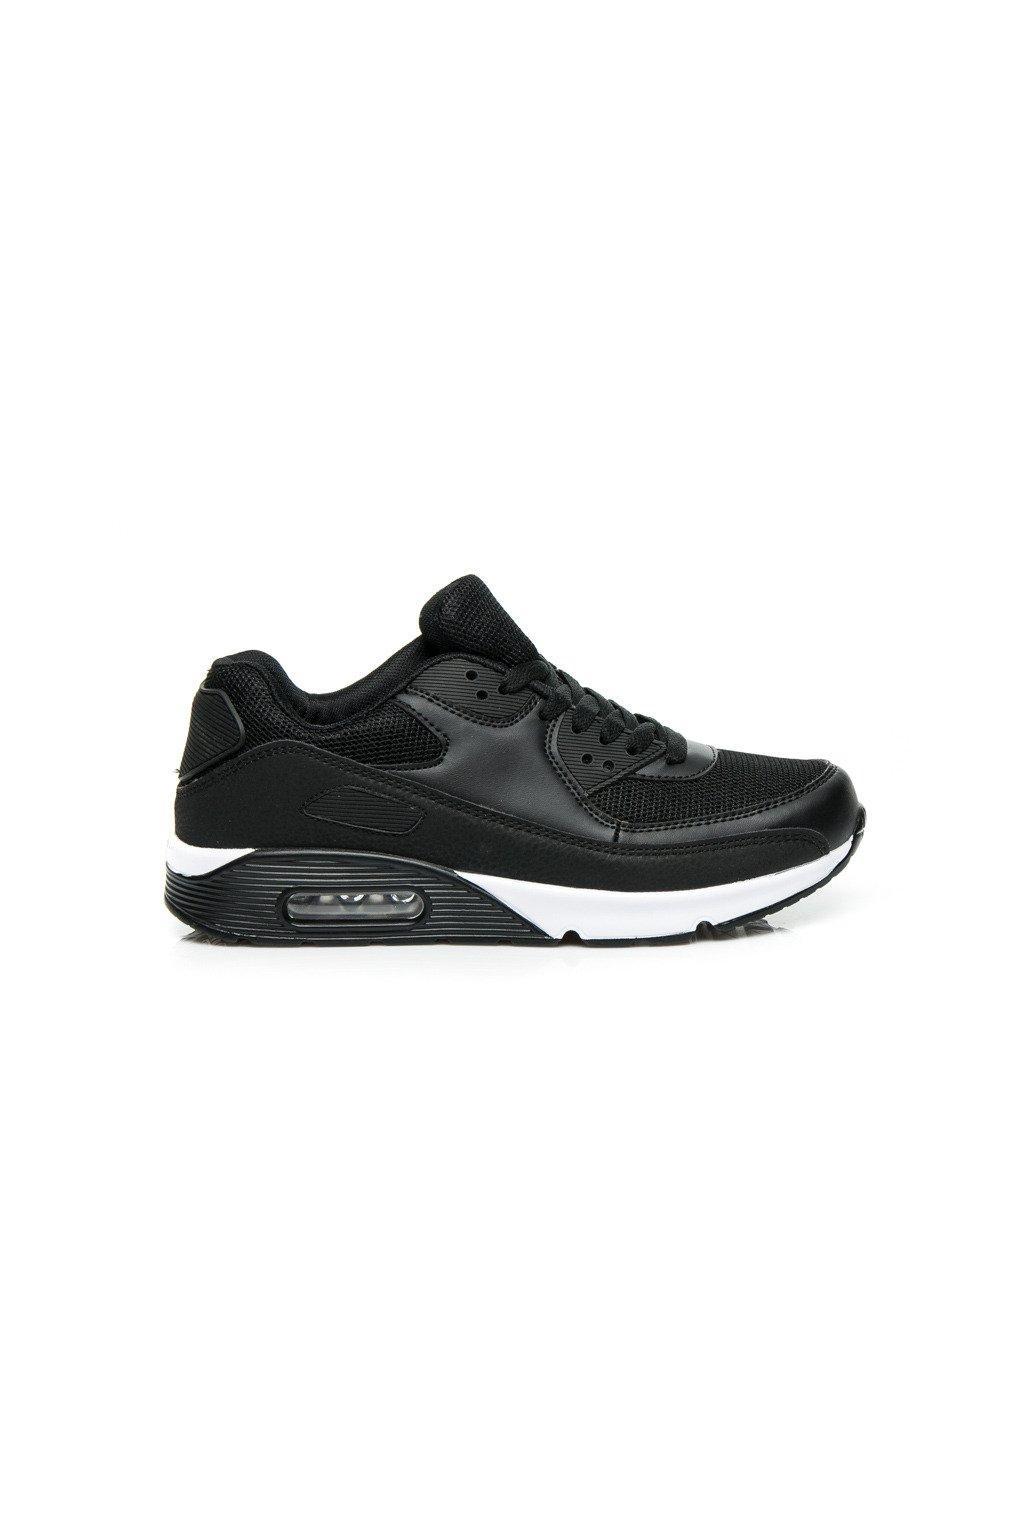 Čierne športové tenisky s-01b veľ.č. 39 (Veľkosť 42)